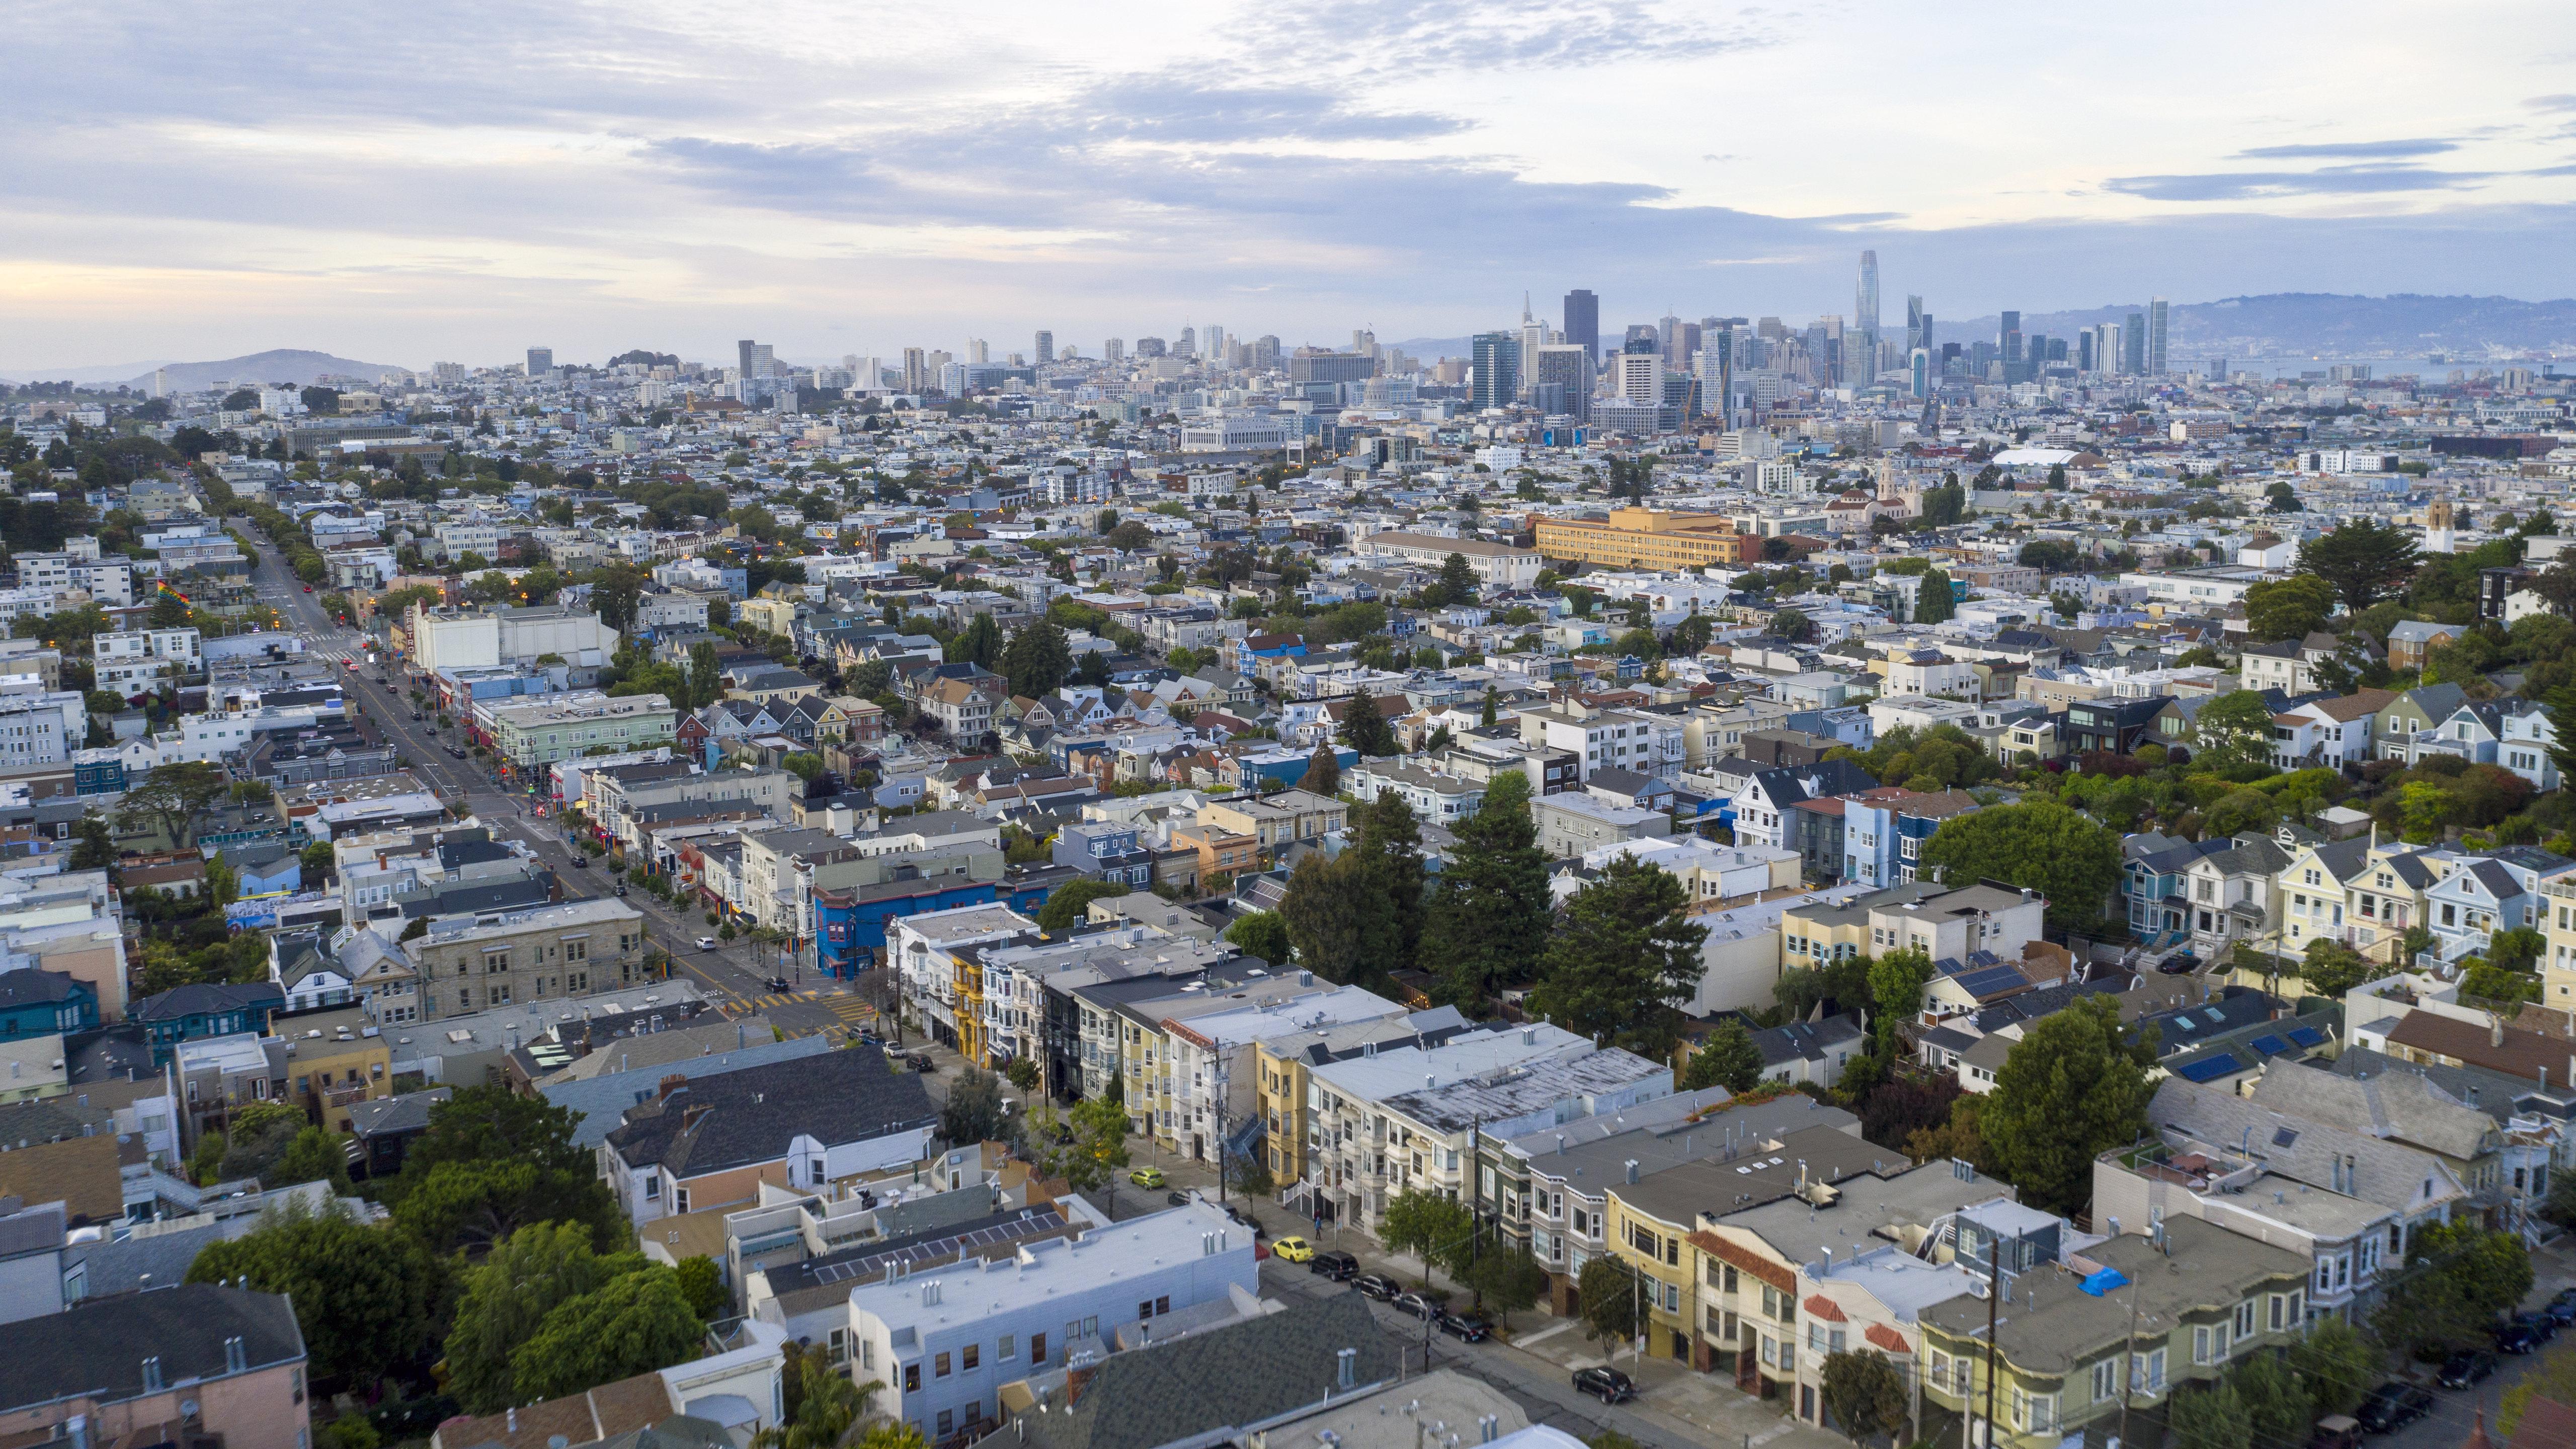 140113壁紙のダウンロード市, 都市, 建物, 屋根, サンフランシスコ, 米国-スクリーンセーバーと写真を無料で